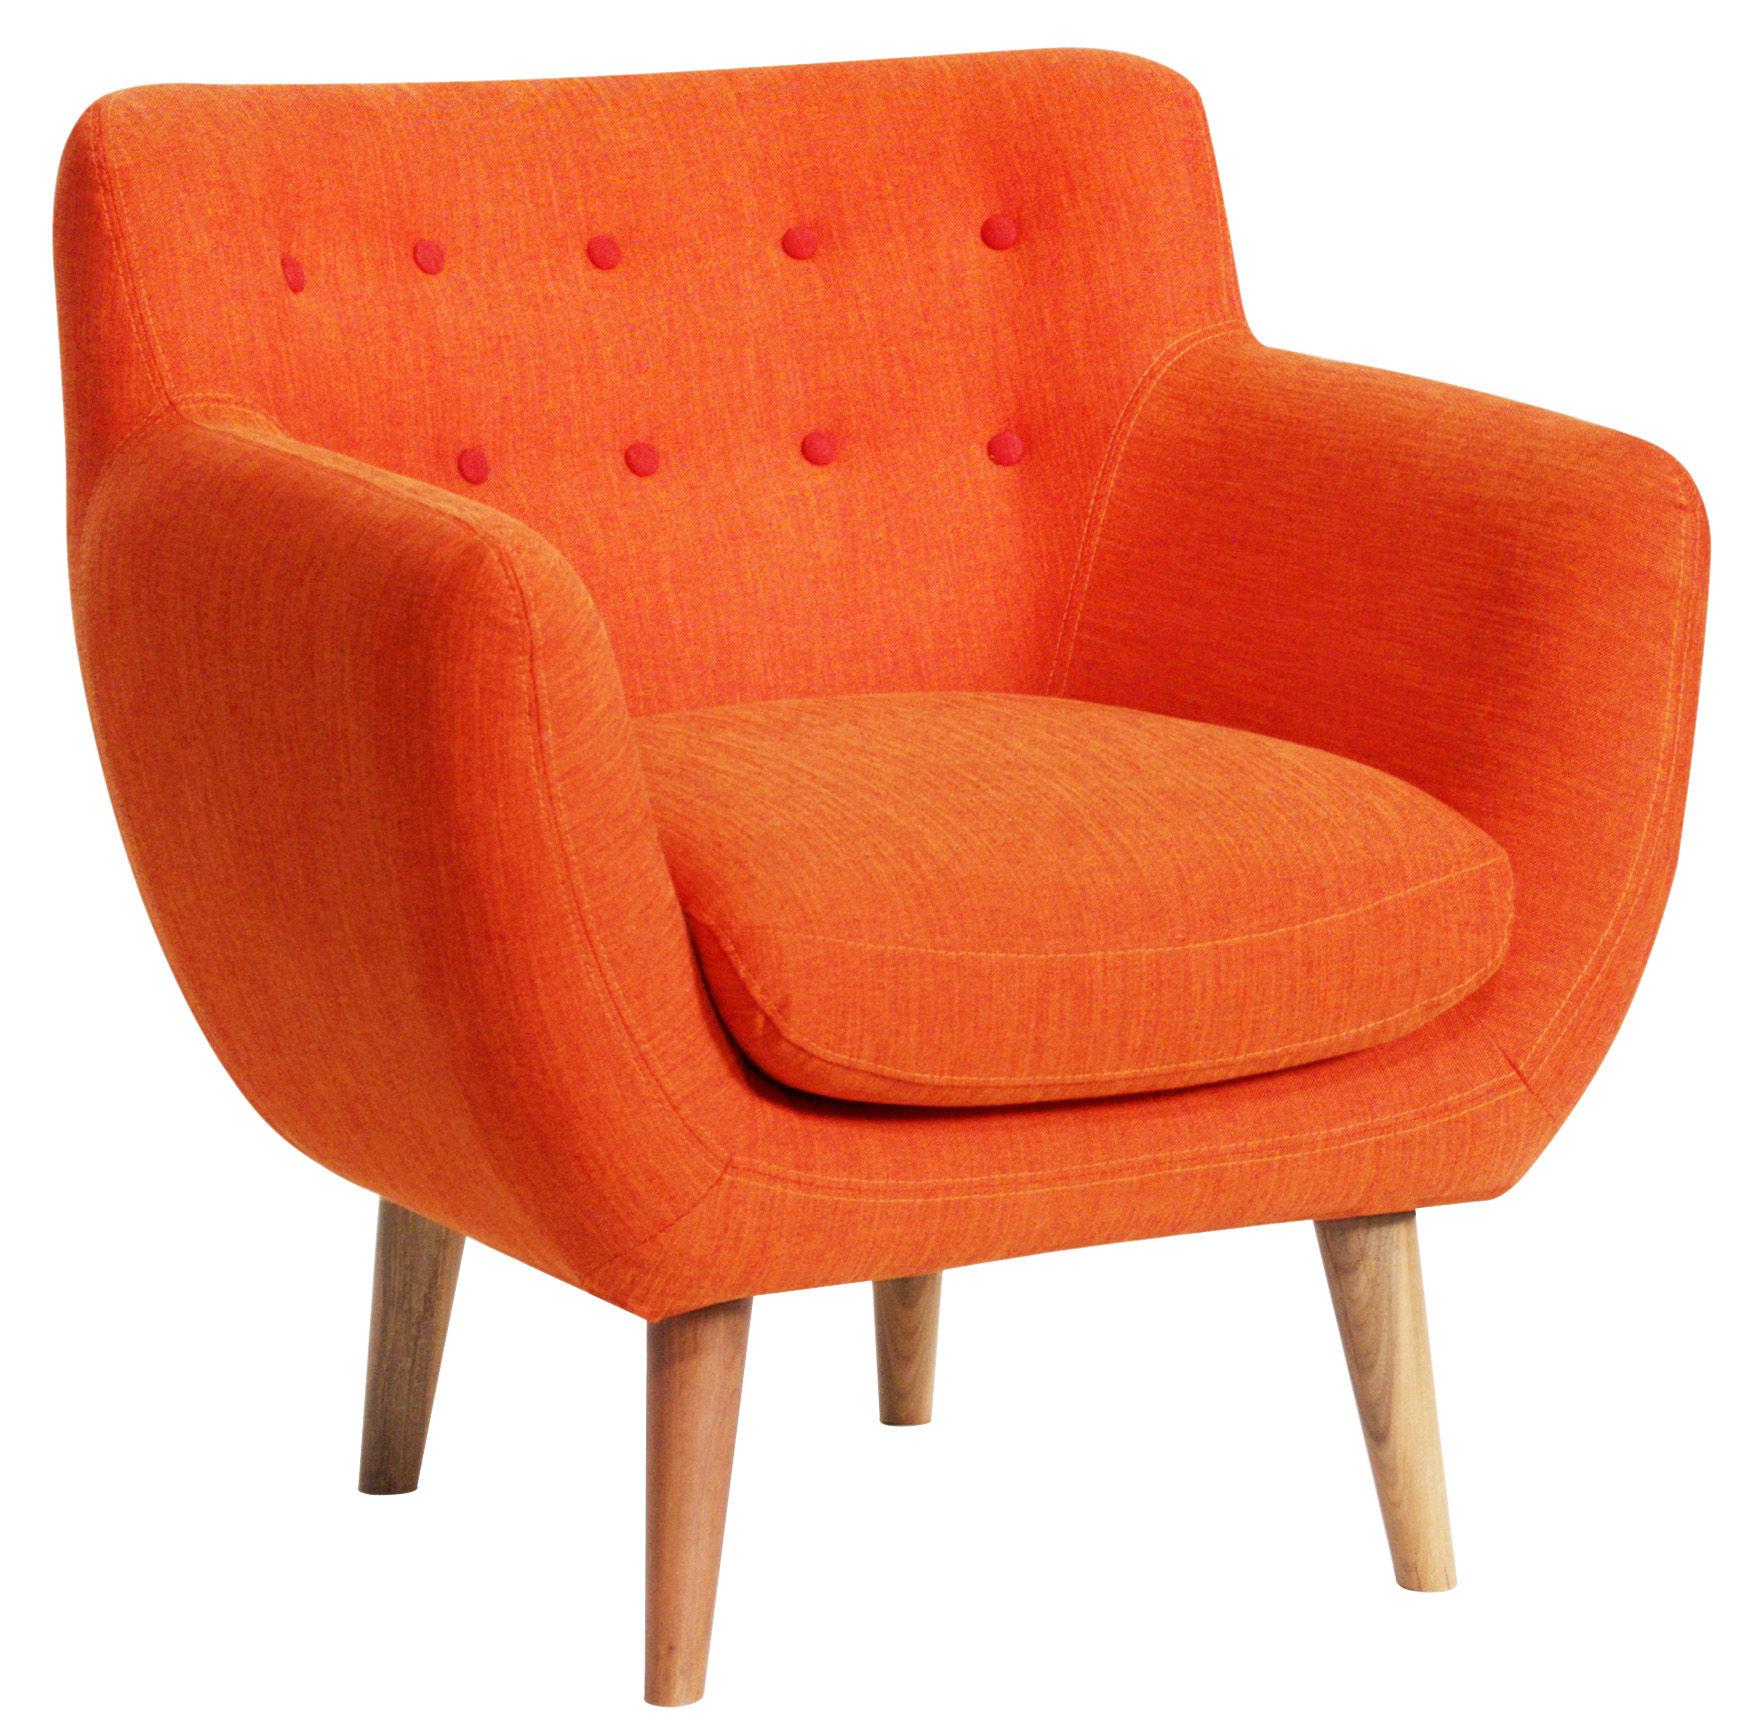 Arredamento - Poltrone design  - Poltrona imbottita Coogee di Sentou Edition - Rosso mandarino/granatina - Espanso, Legno, Tessuto